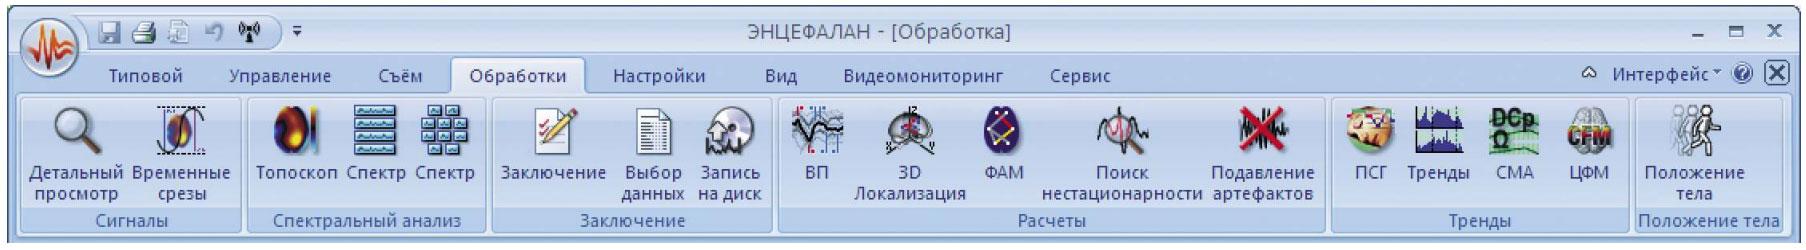 Интерфейсная лента «Обработки» демонстрирует широкие возможности анализа данных как основным ПМО «Энцефалан-ЭЭГР», так и дополнительно поставляемым